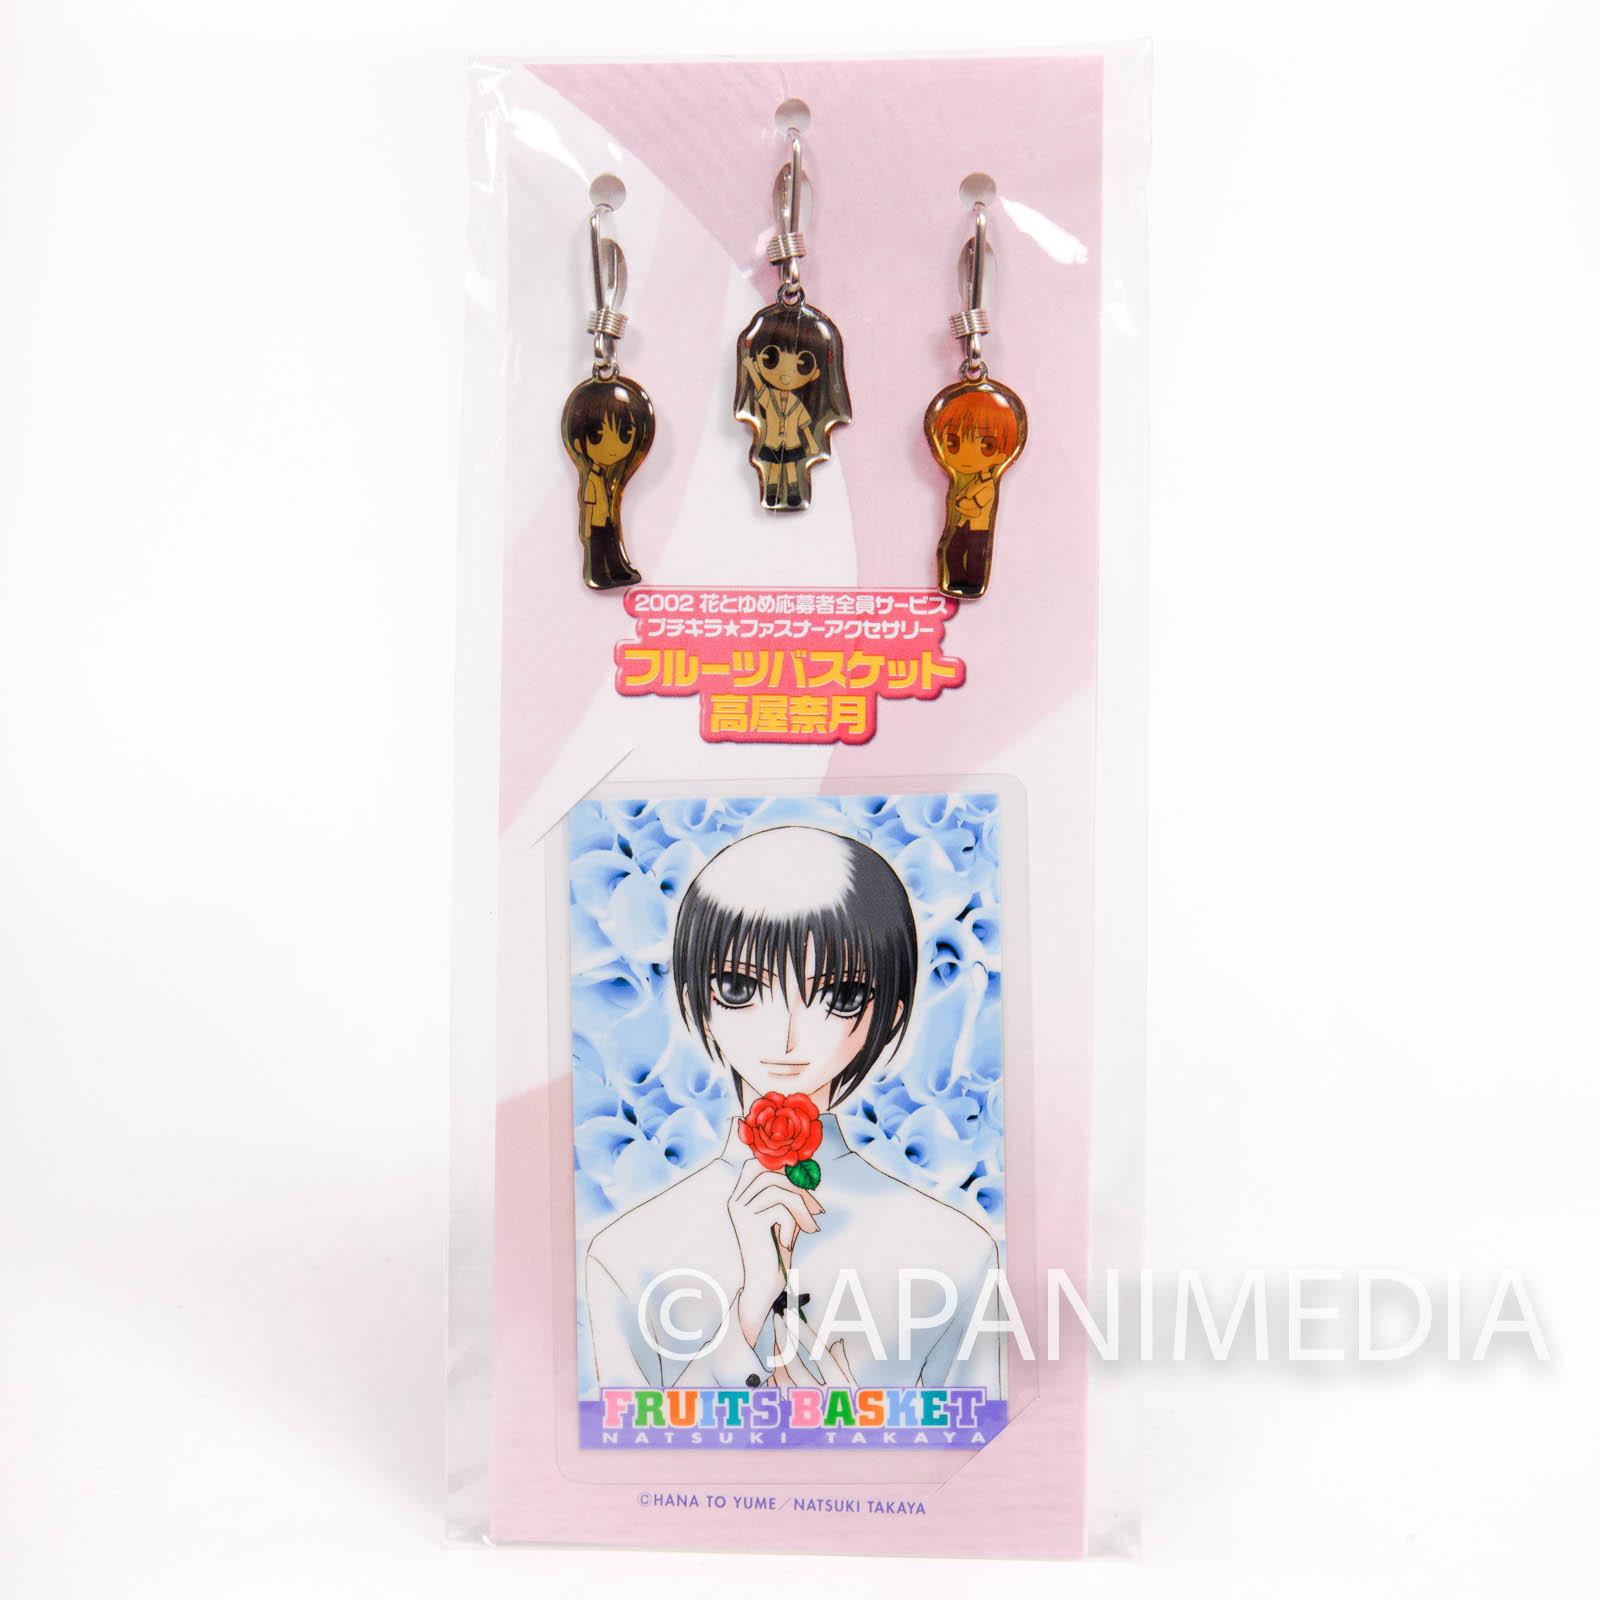 Fruits Basket Petit Kira Charm Fastener accessories [Tohru / Yuki / Kyo] JAPAN MANGA